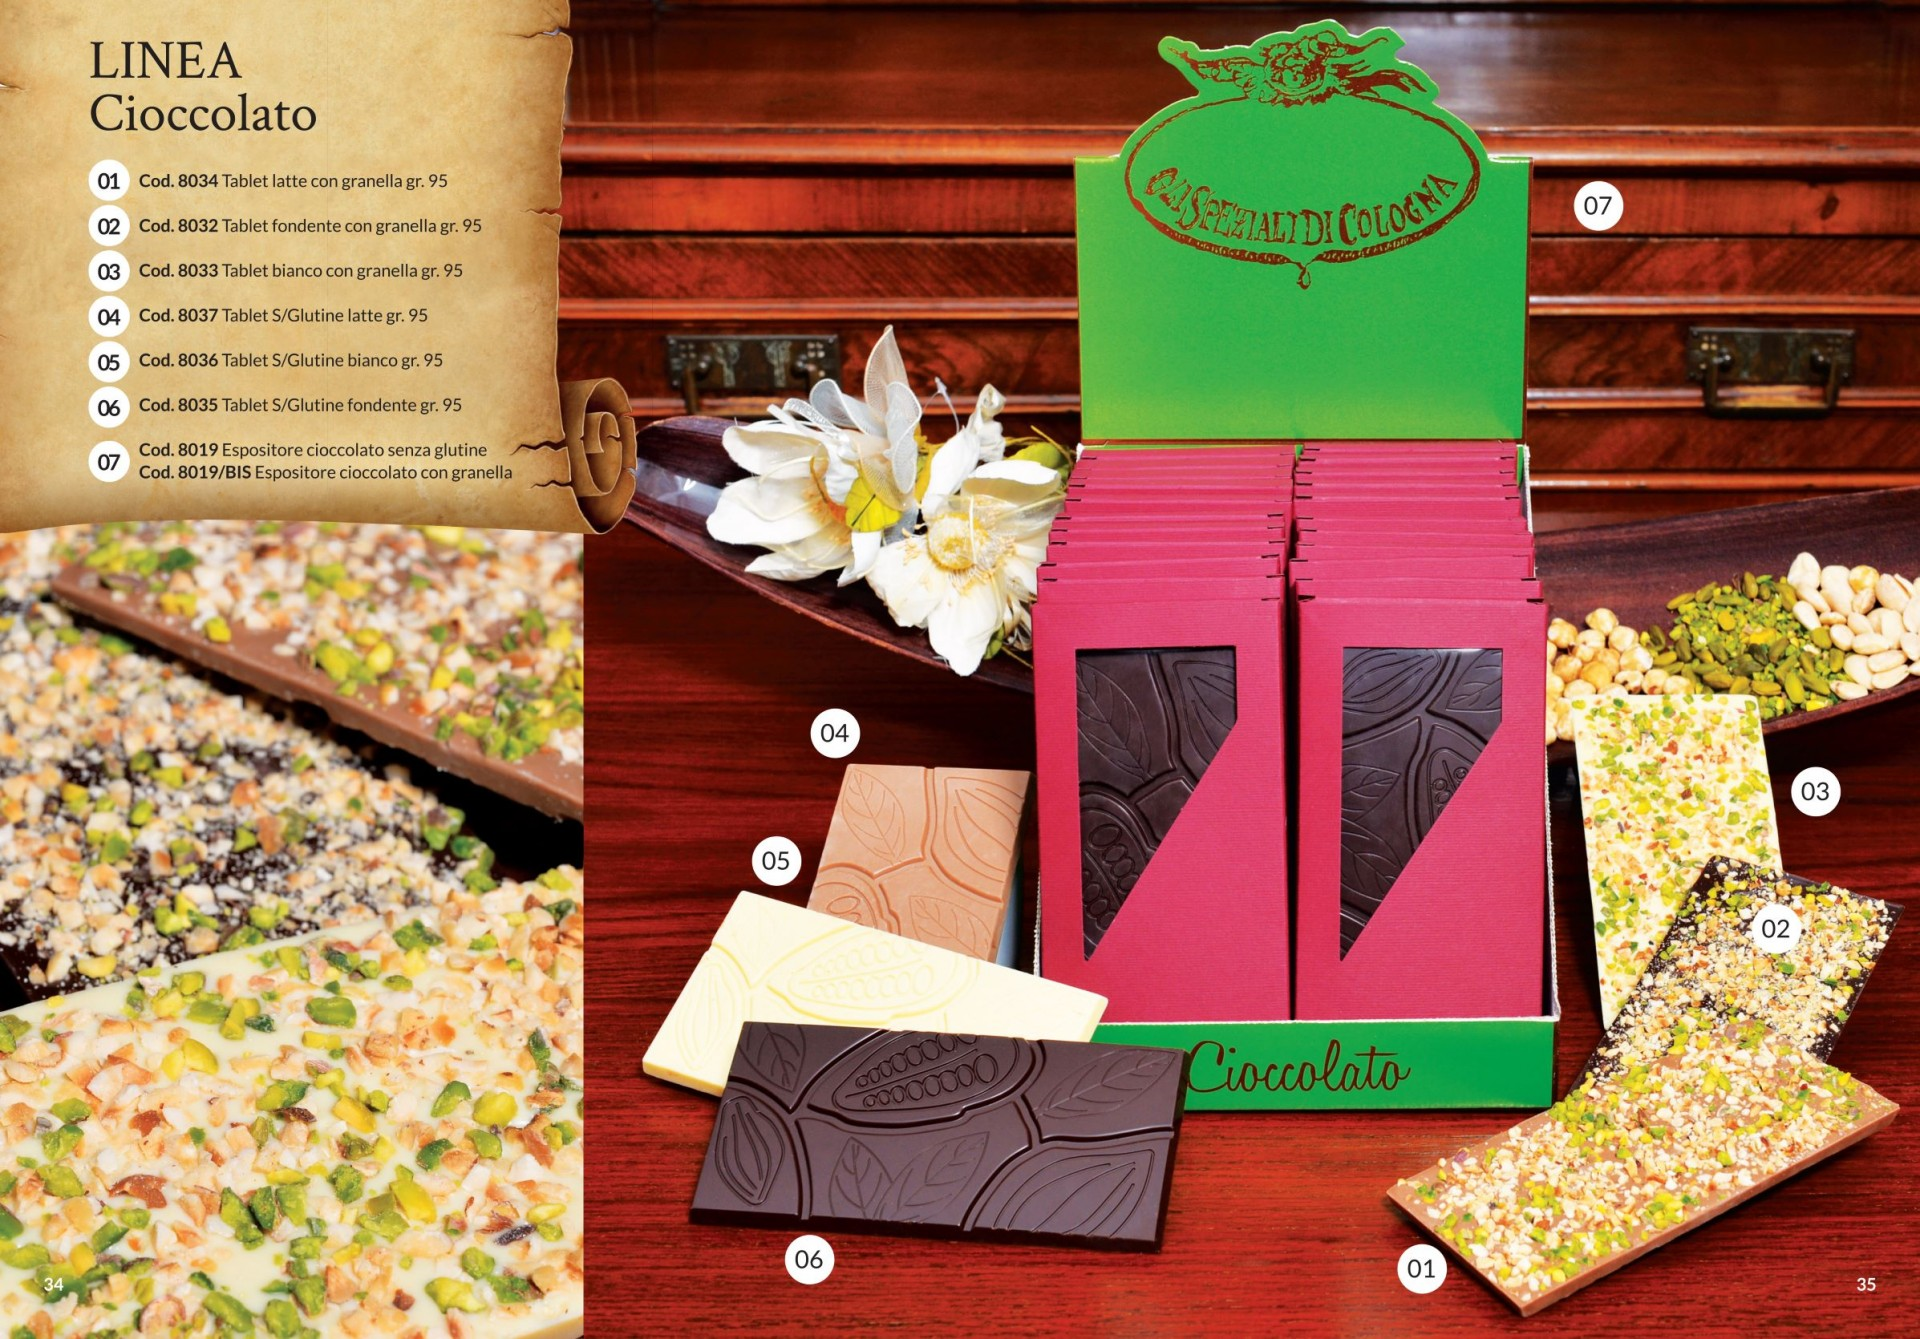 gli-speziali-di-cologna-veneta-linea-cioccolato-tablet.jpg